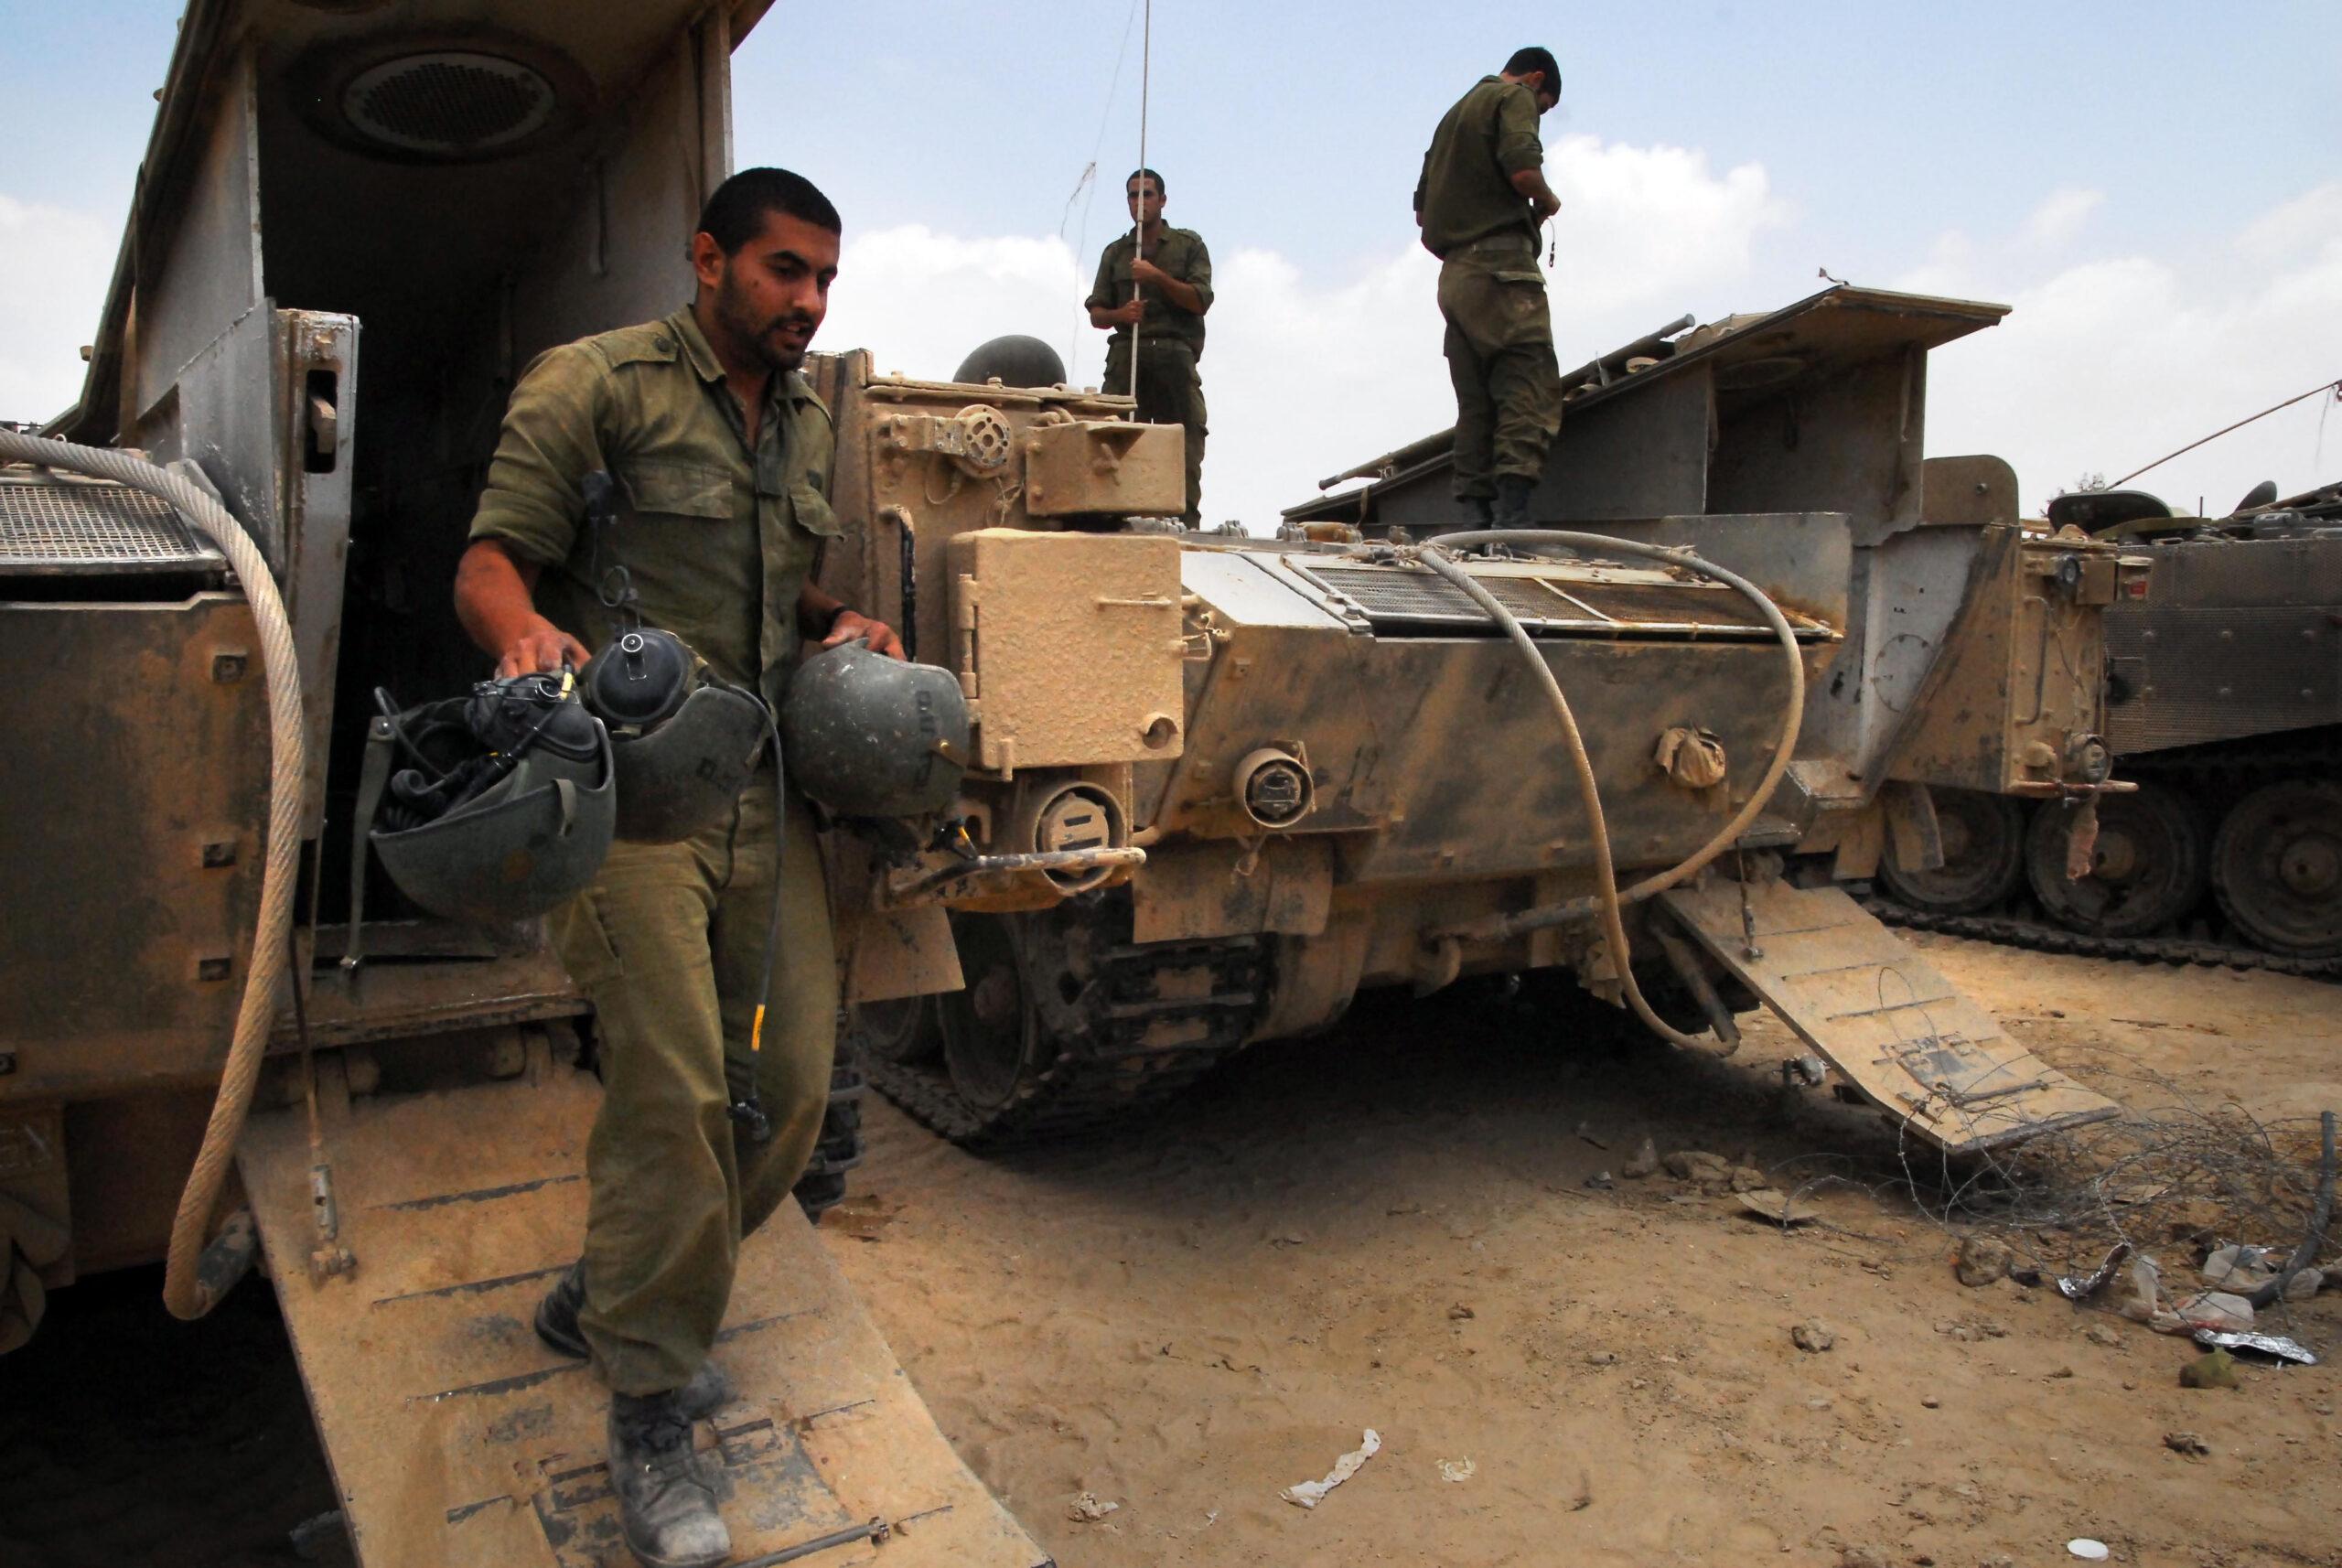 soldati sraeliani